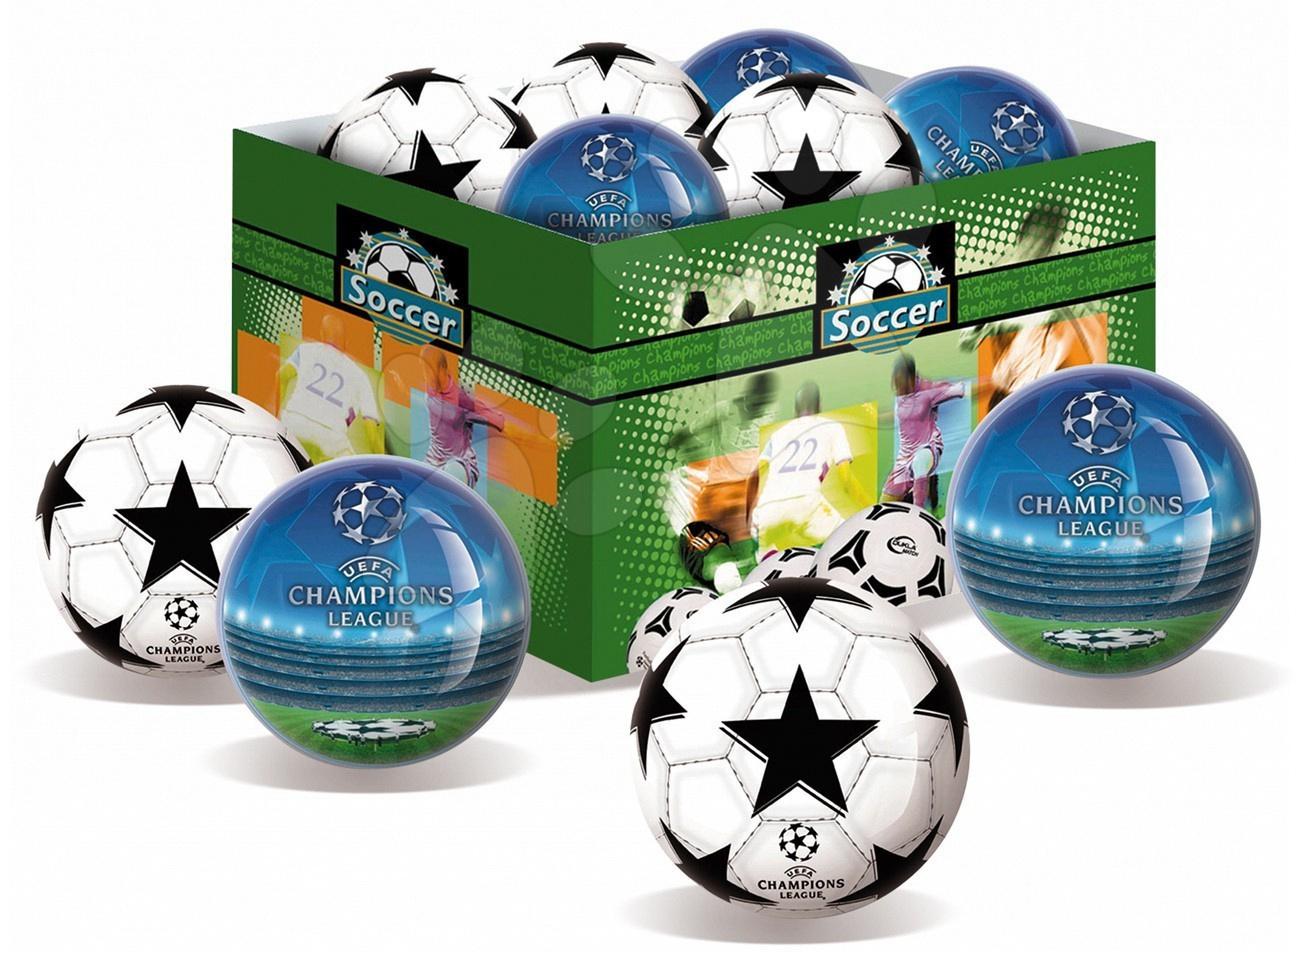 Sportovní míče - Pryžový míč Champions League Unice 15 cm bílý/modrý